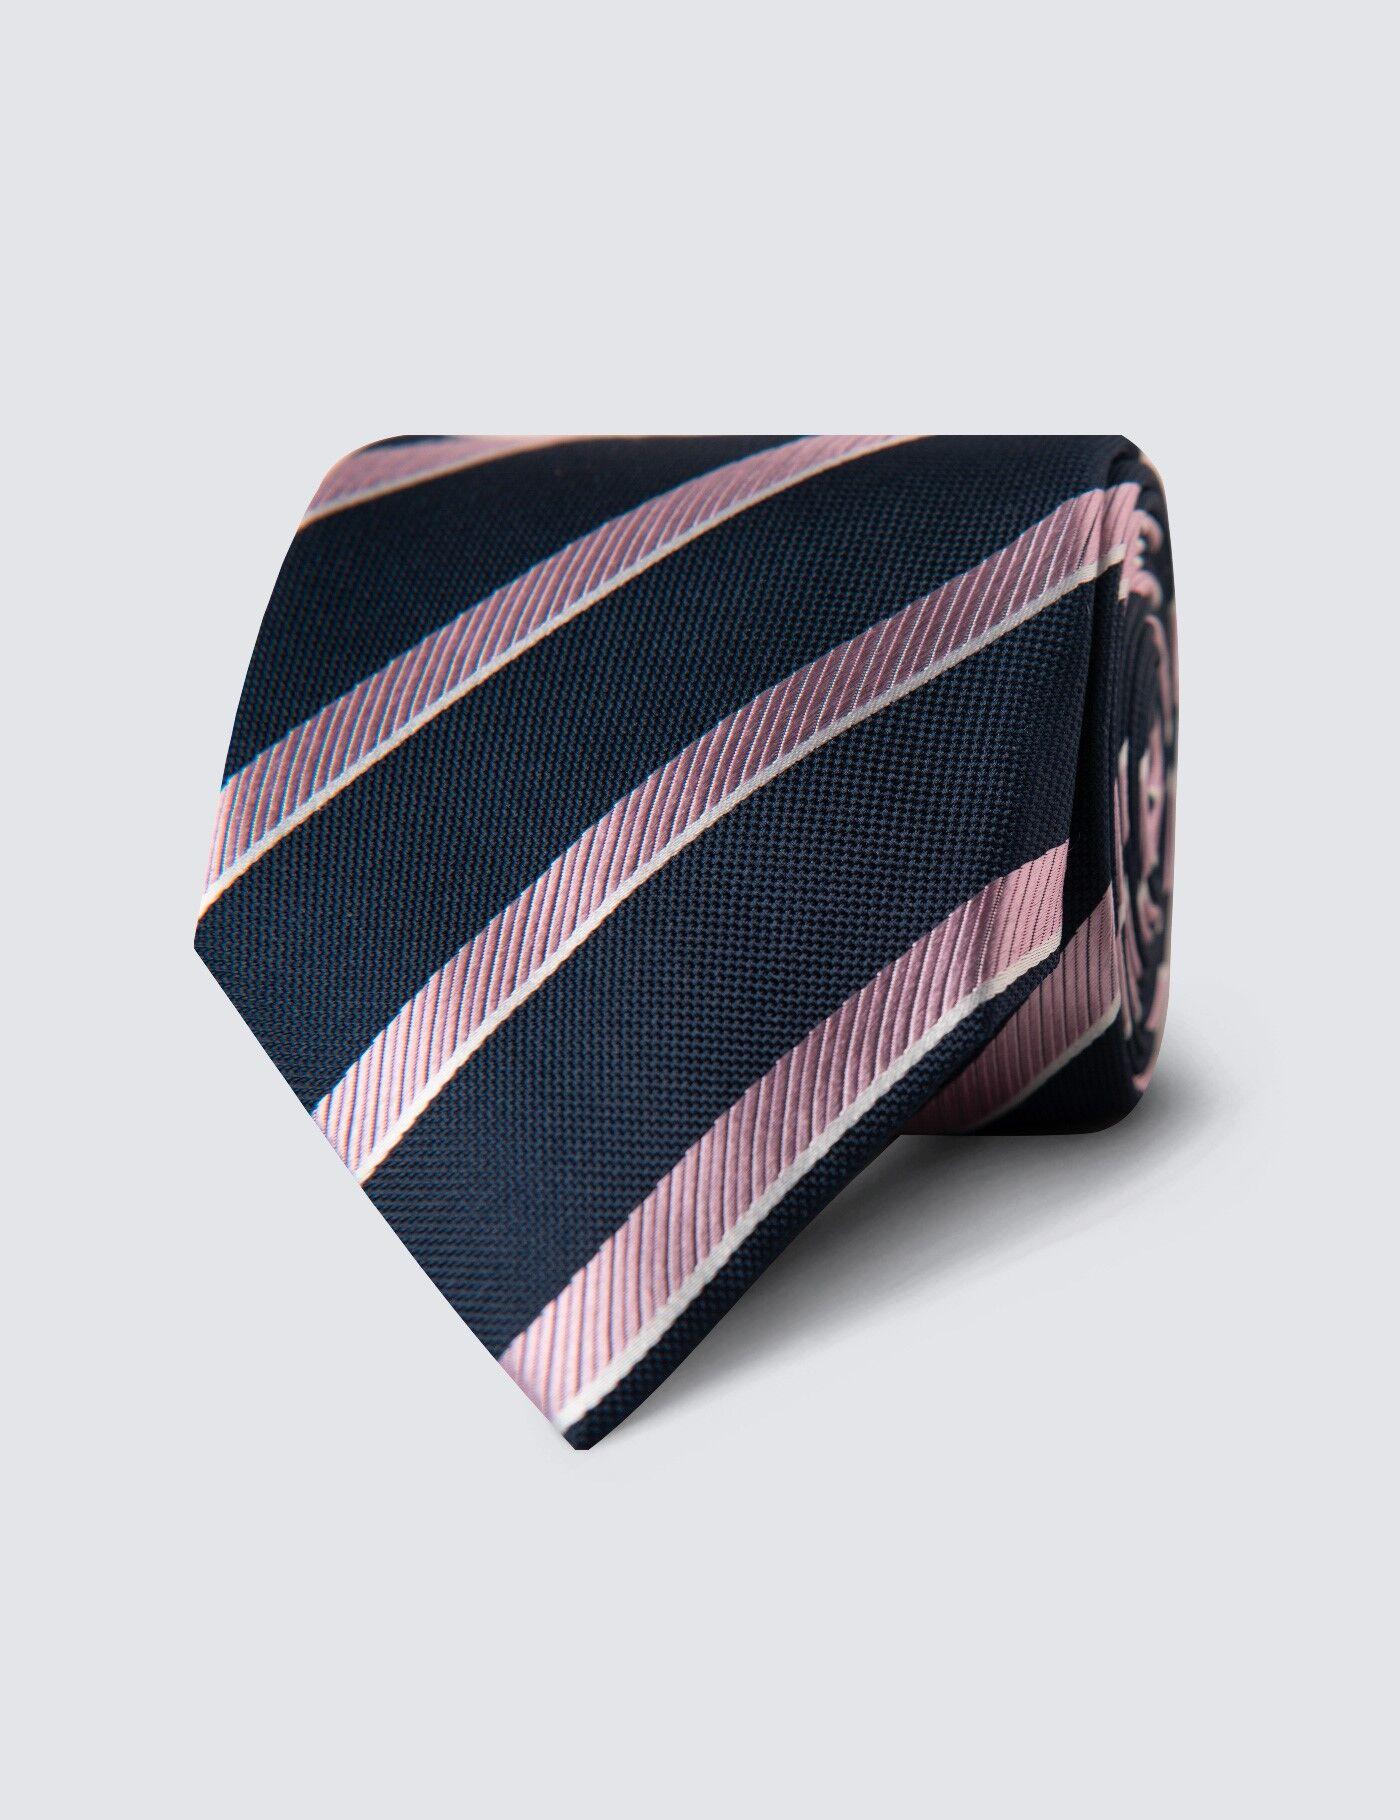 Hawes & Curtis Men's Club Stripe Tie in Navy/Light Pink 100% Silk